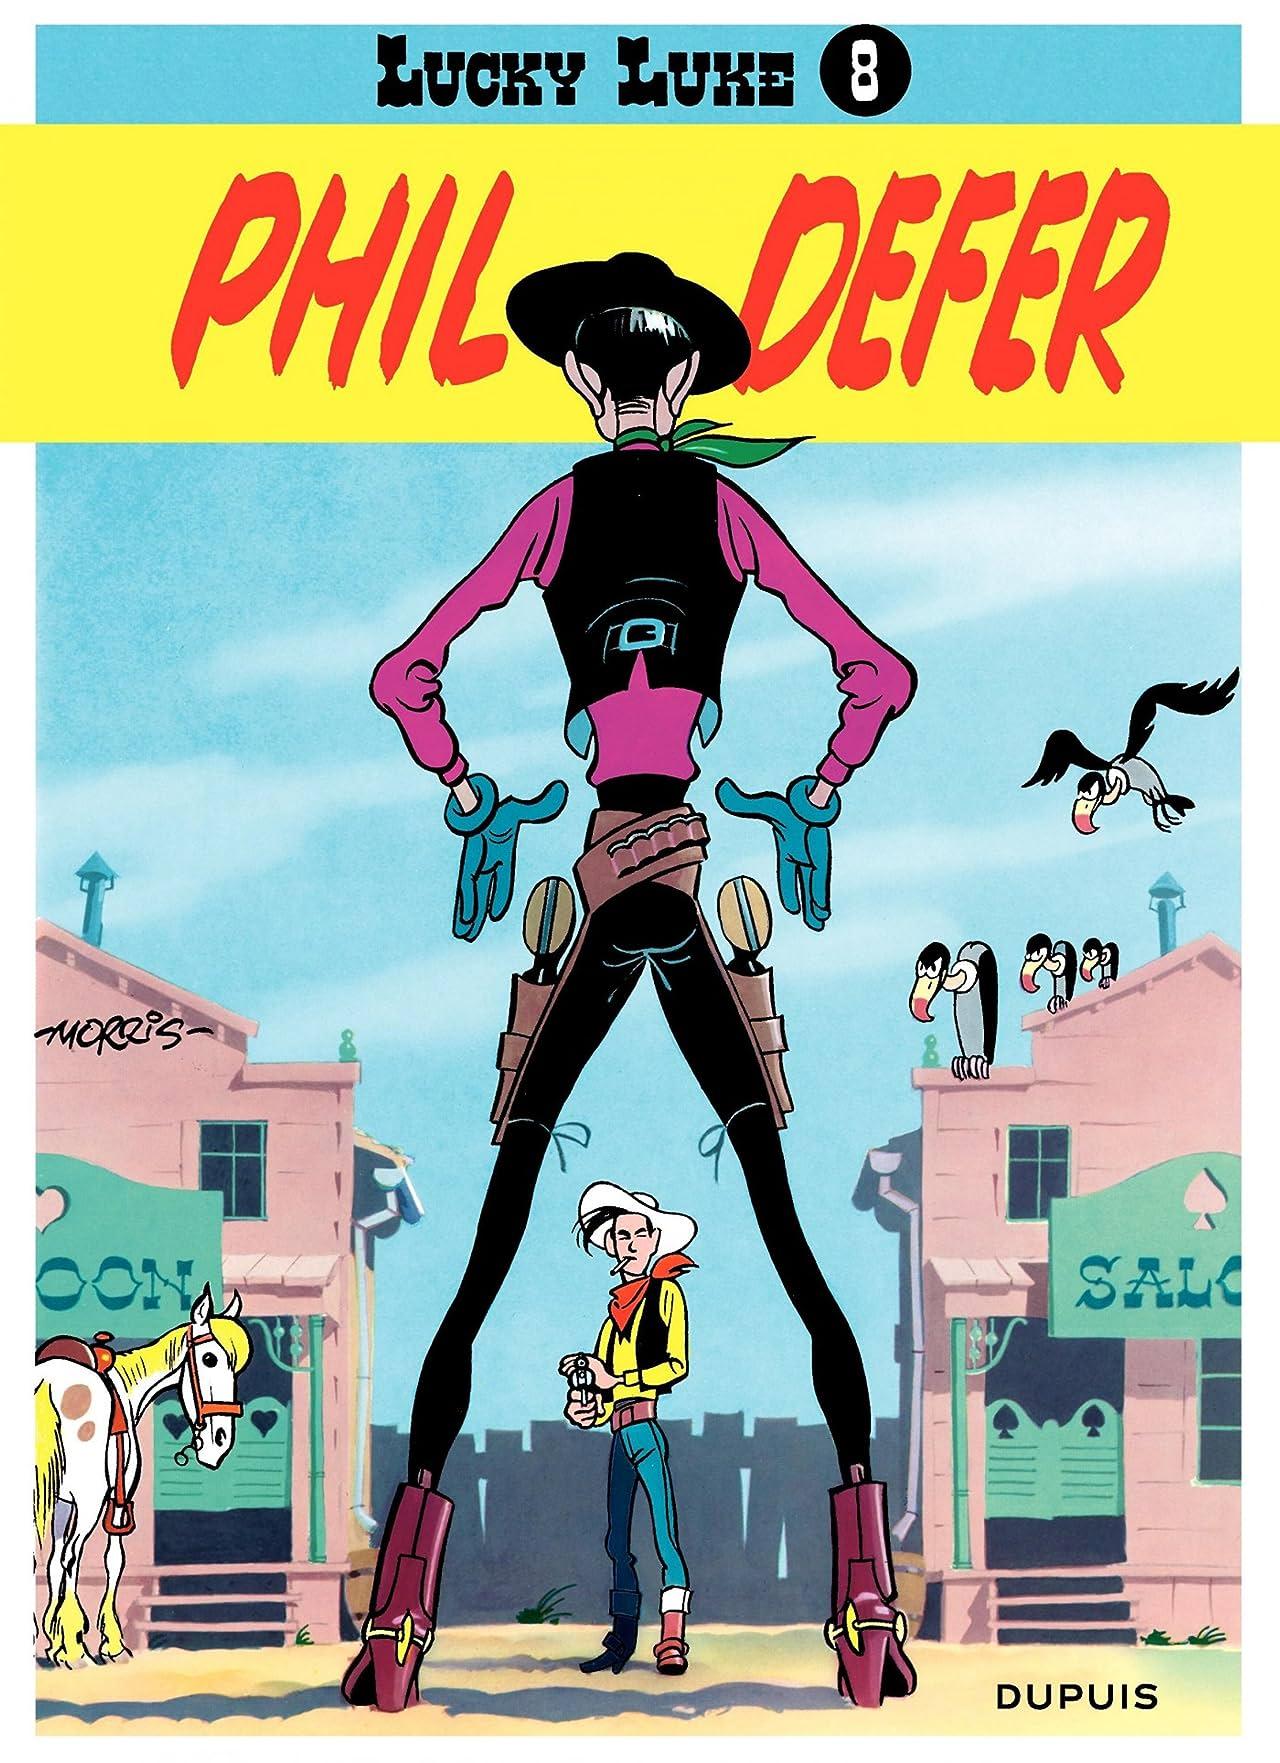 Lucky Luke Vol. 8: PHIL DEFER